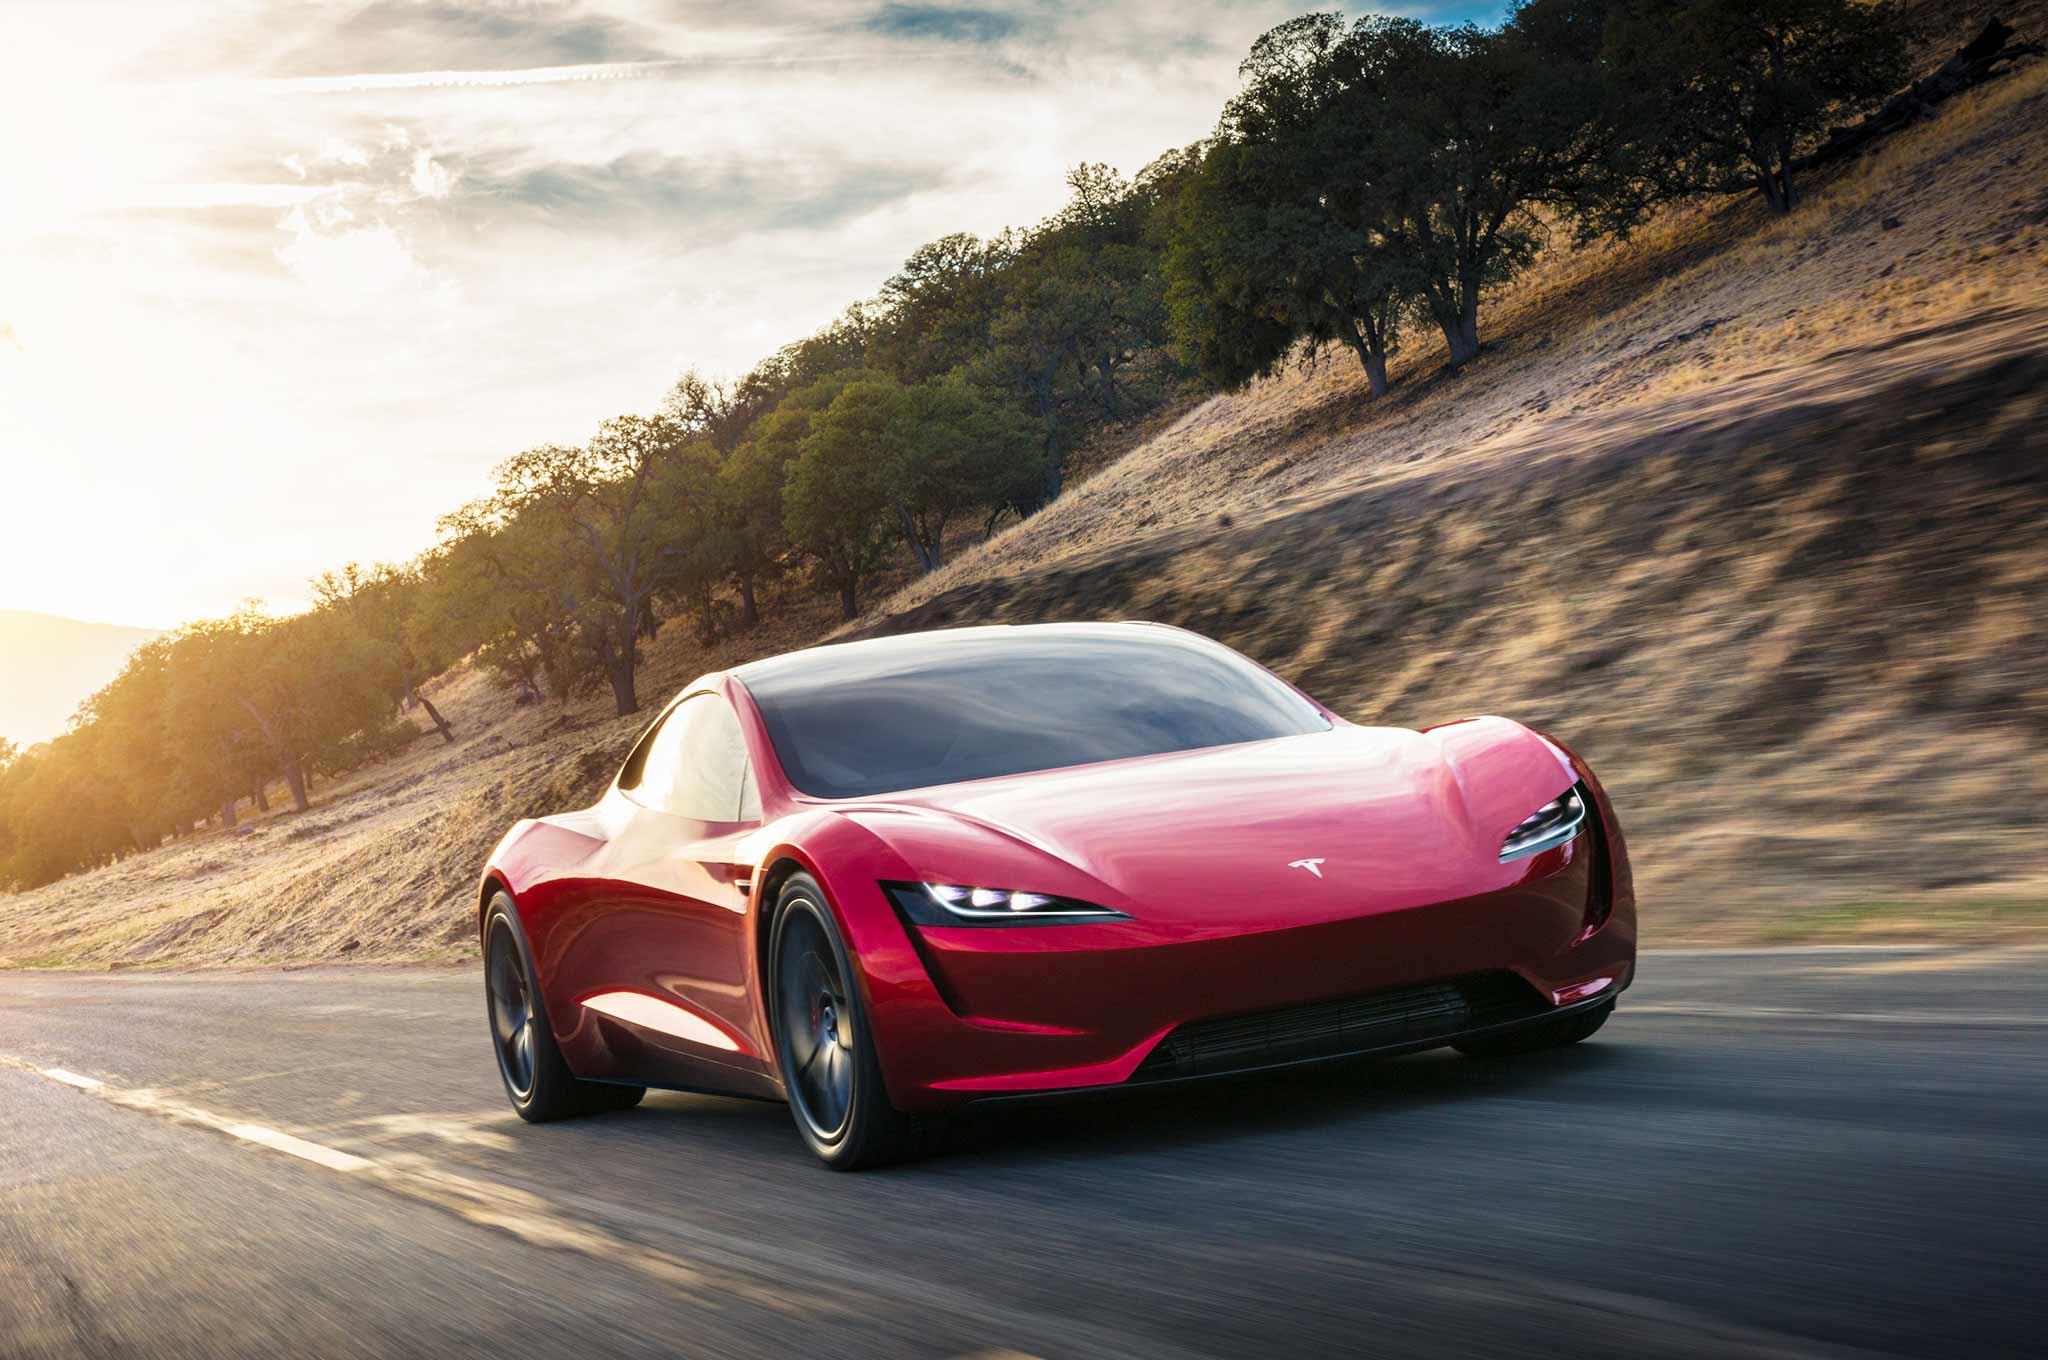 87 Great 2020 Tesla Roadster Torque Ratings for 2020 Tesla Roadster Torque